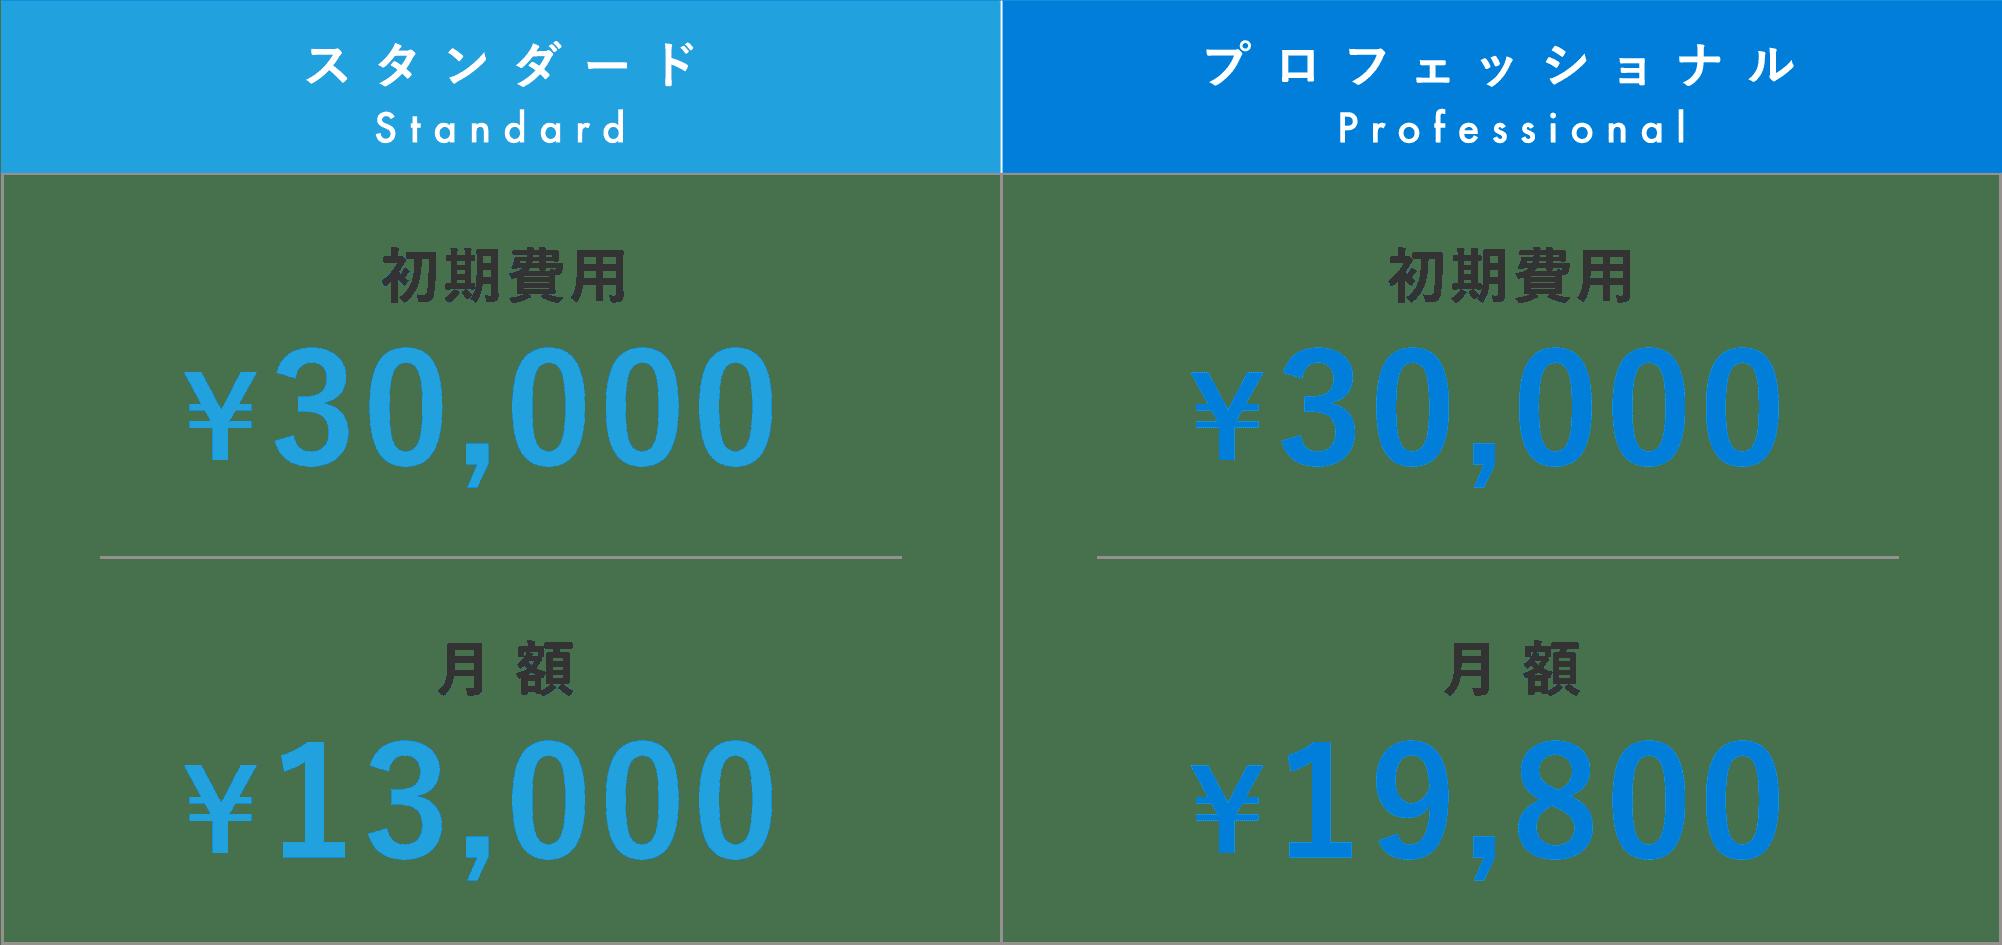 スタンダード 初期費用¥30,000 月額¥13,000 プロフェッショナル 初期費用¥30,000 月額¥19,800